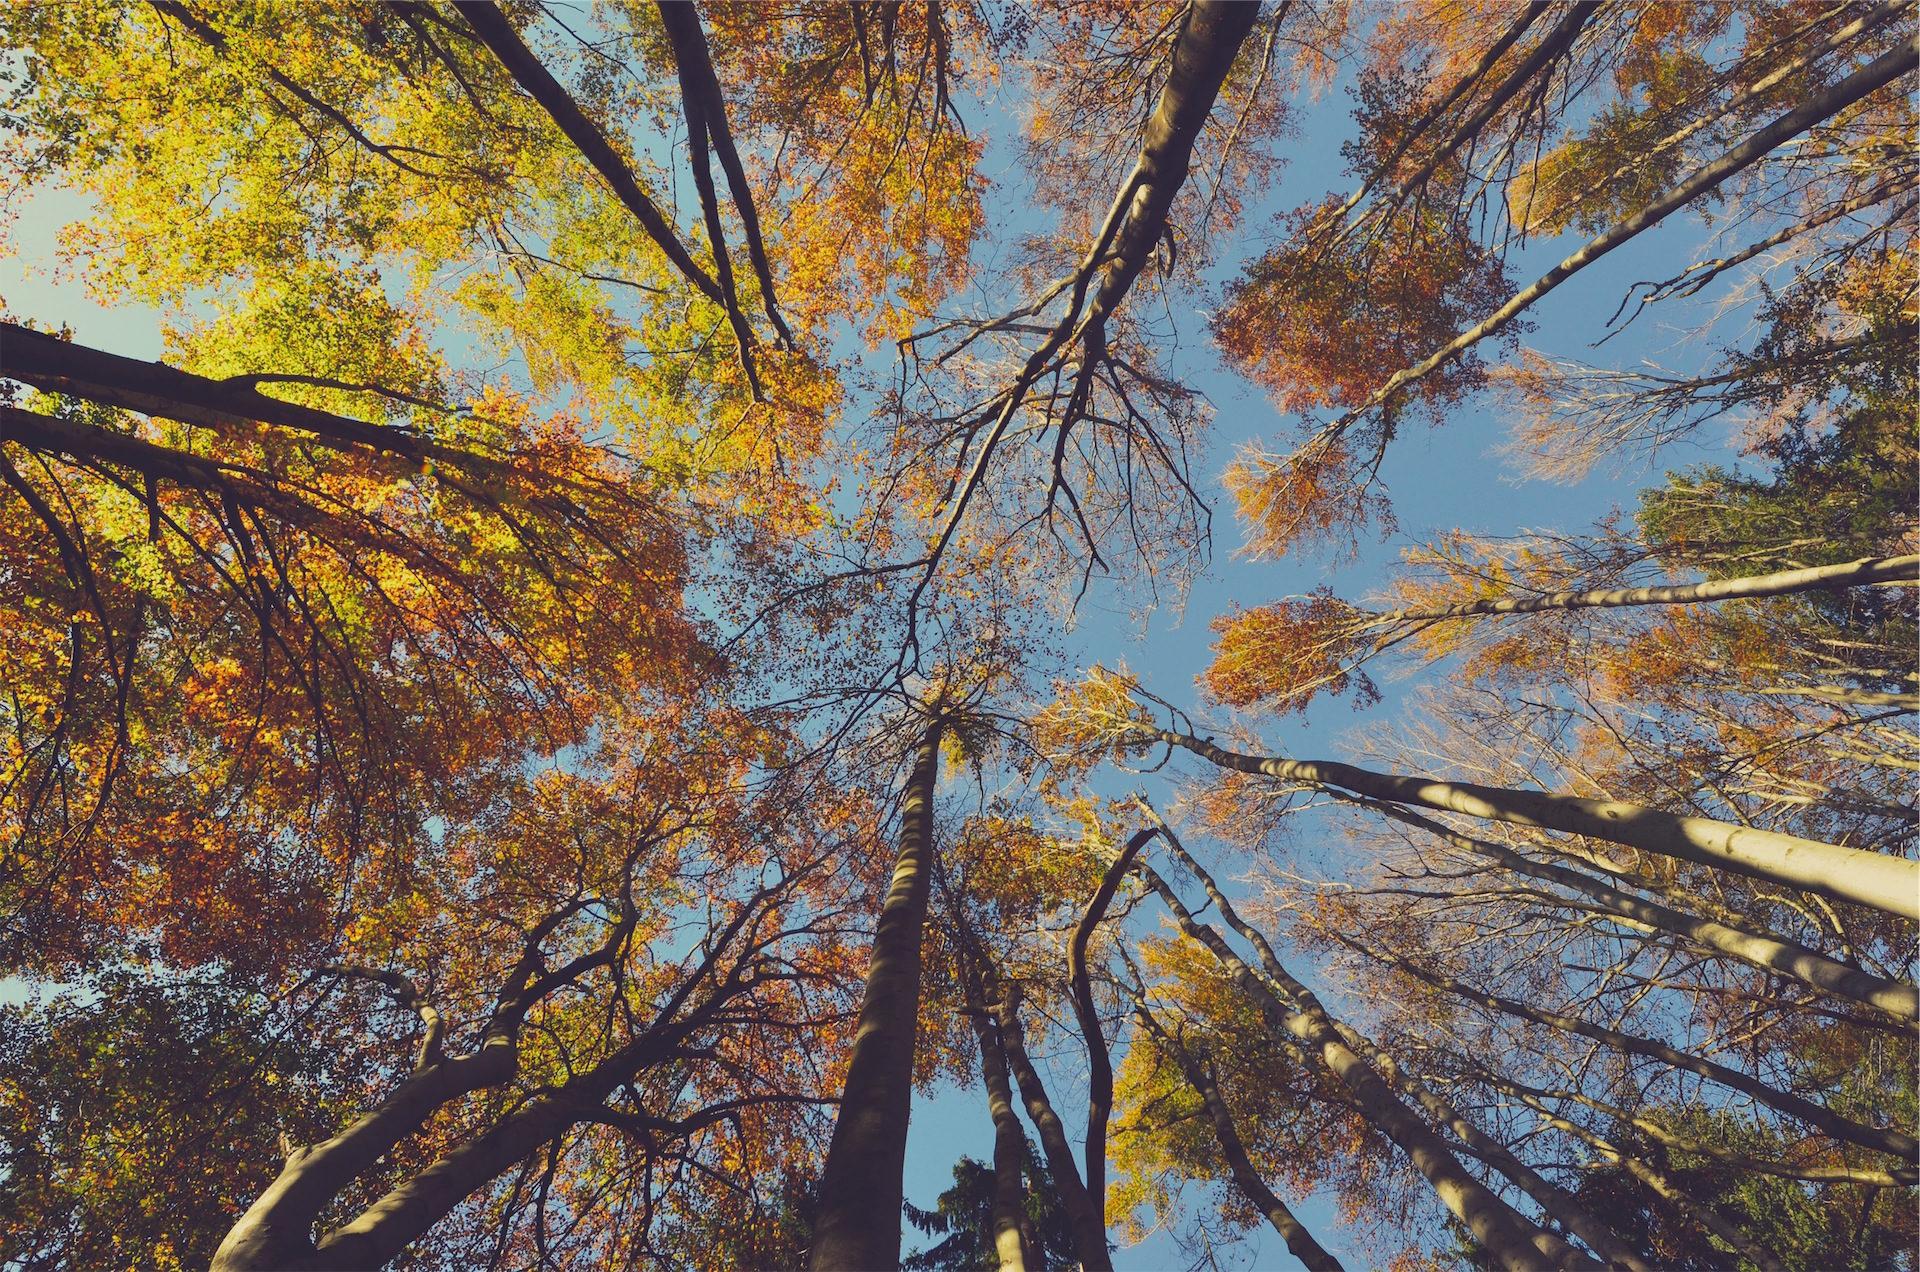 лес, деревья, чашки, Небо, Высота - Обои HD - Профессор falken.com